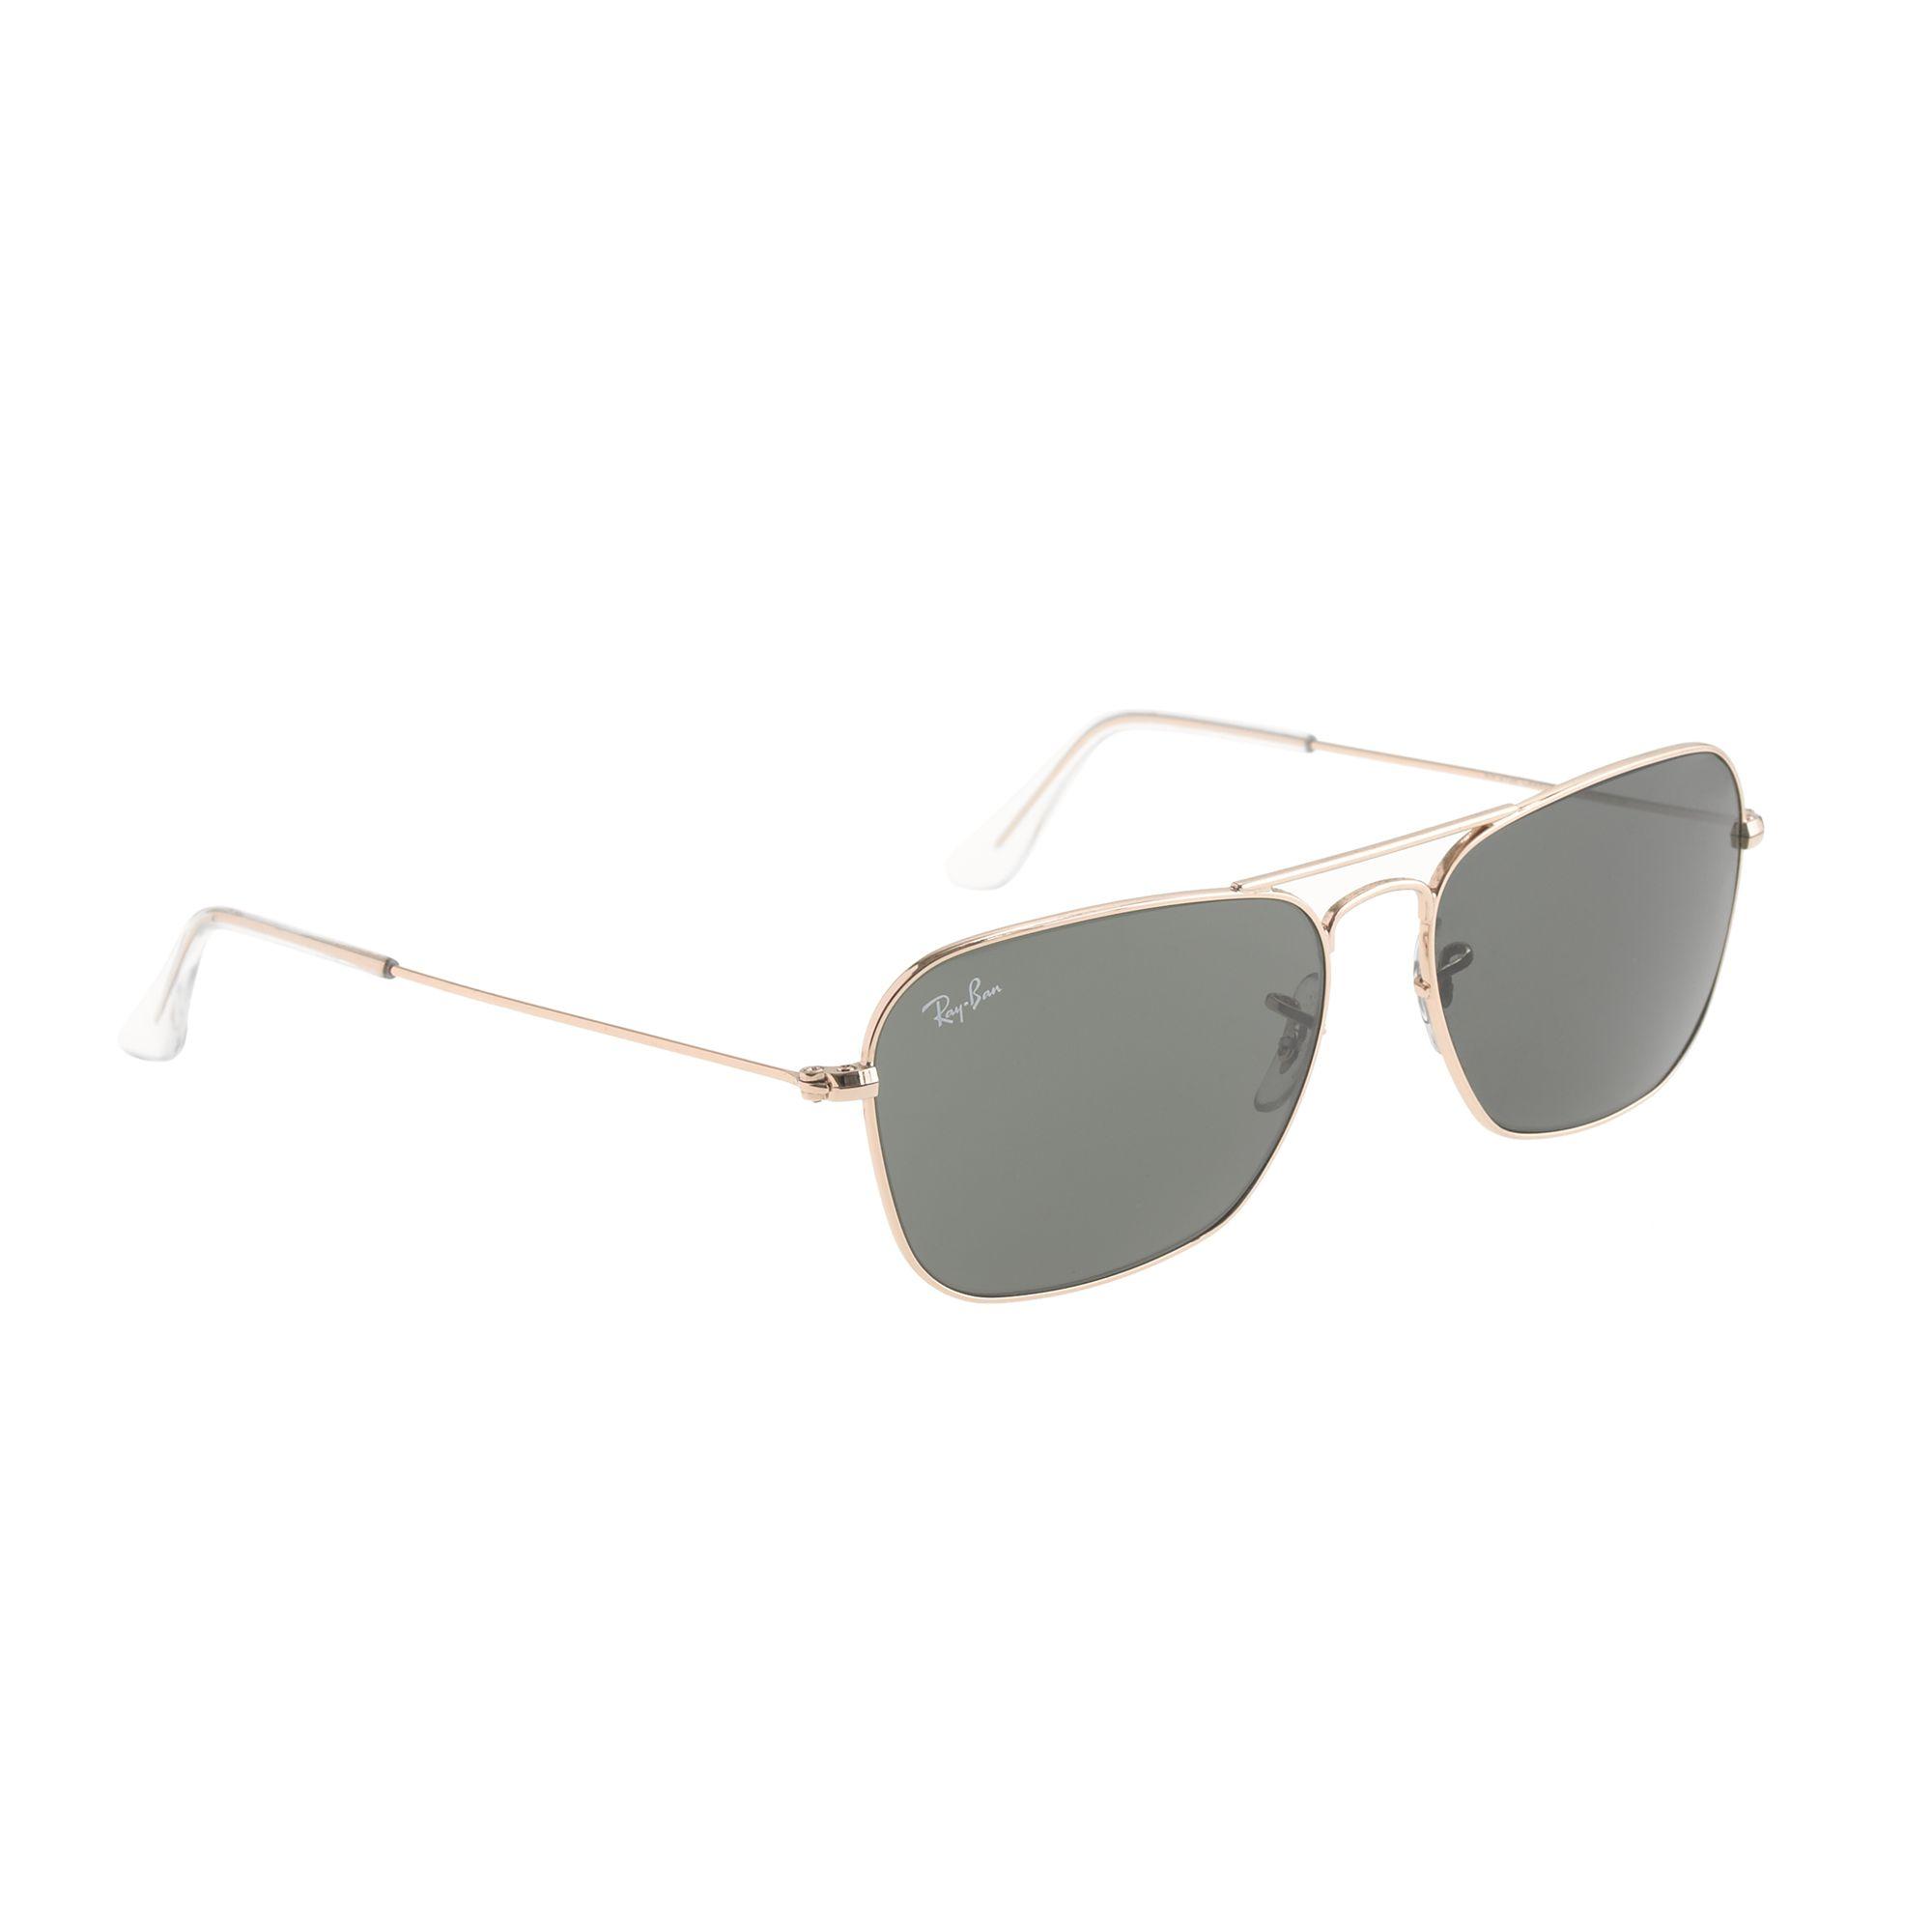 J.crew Ray-ban Caravan Sunglasses in Gold for Men (arista ...